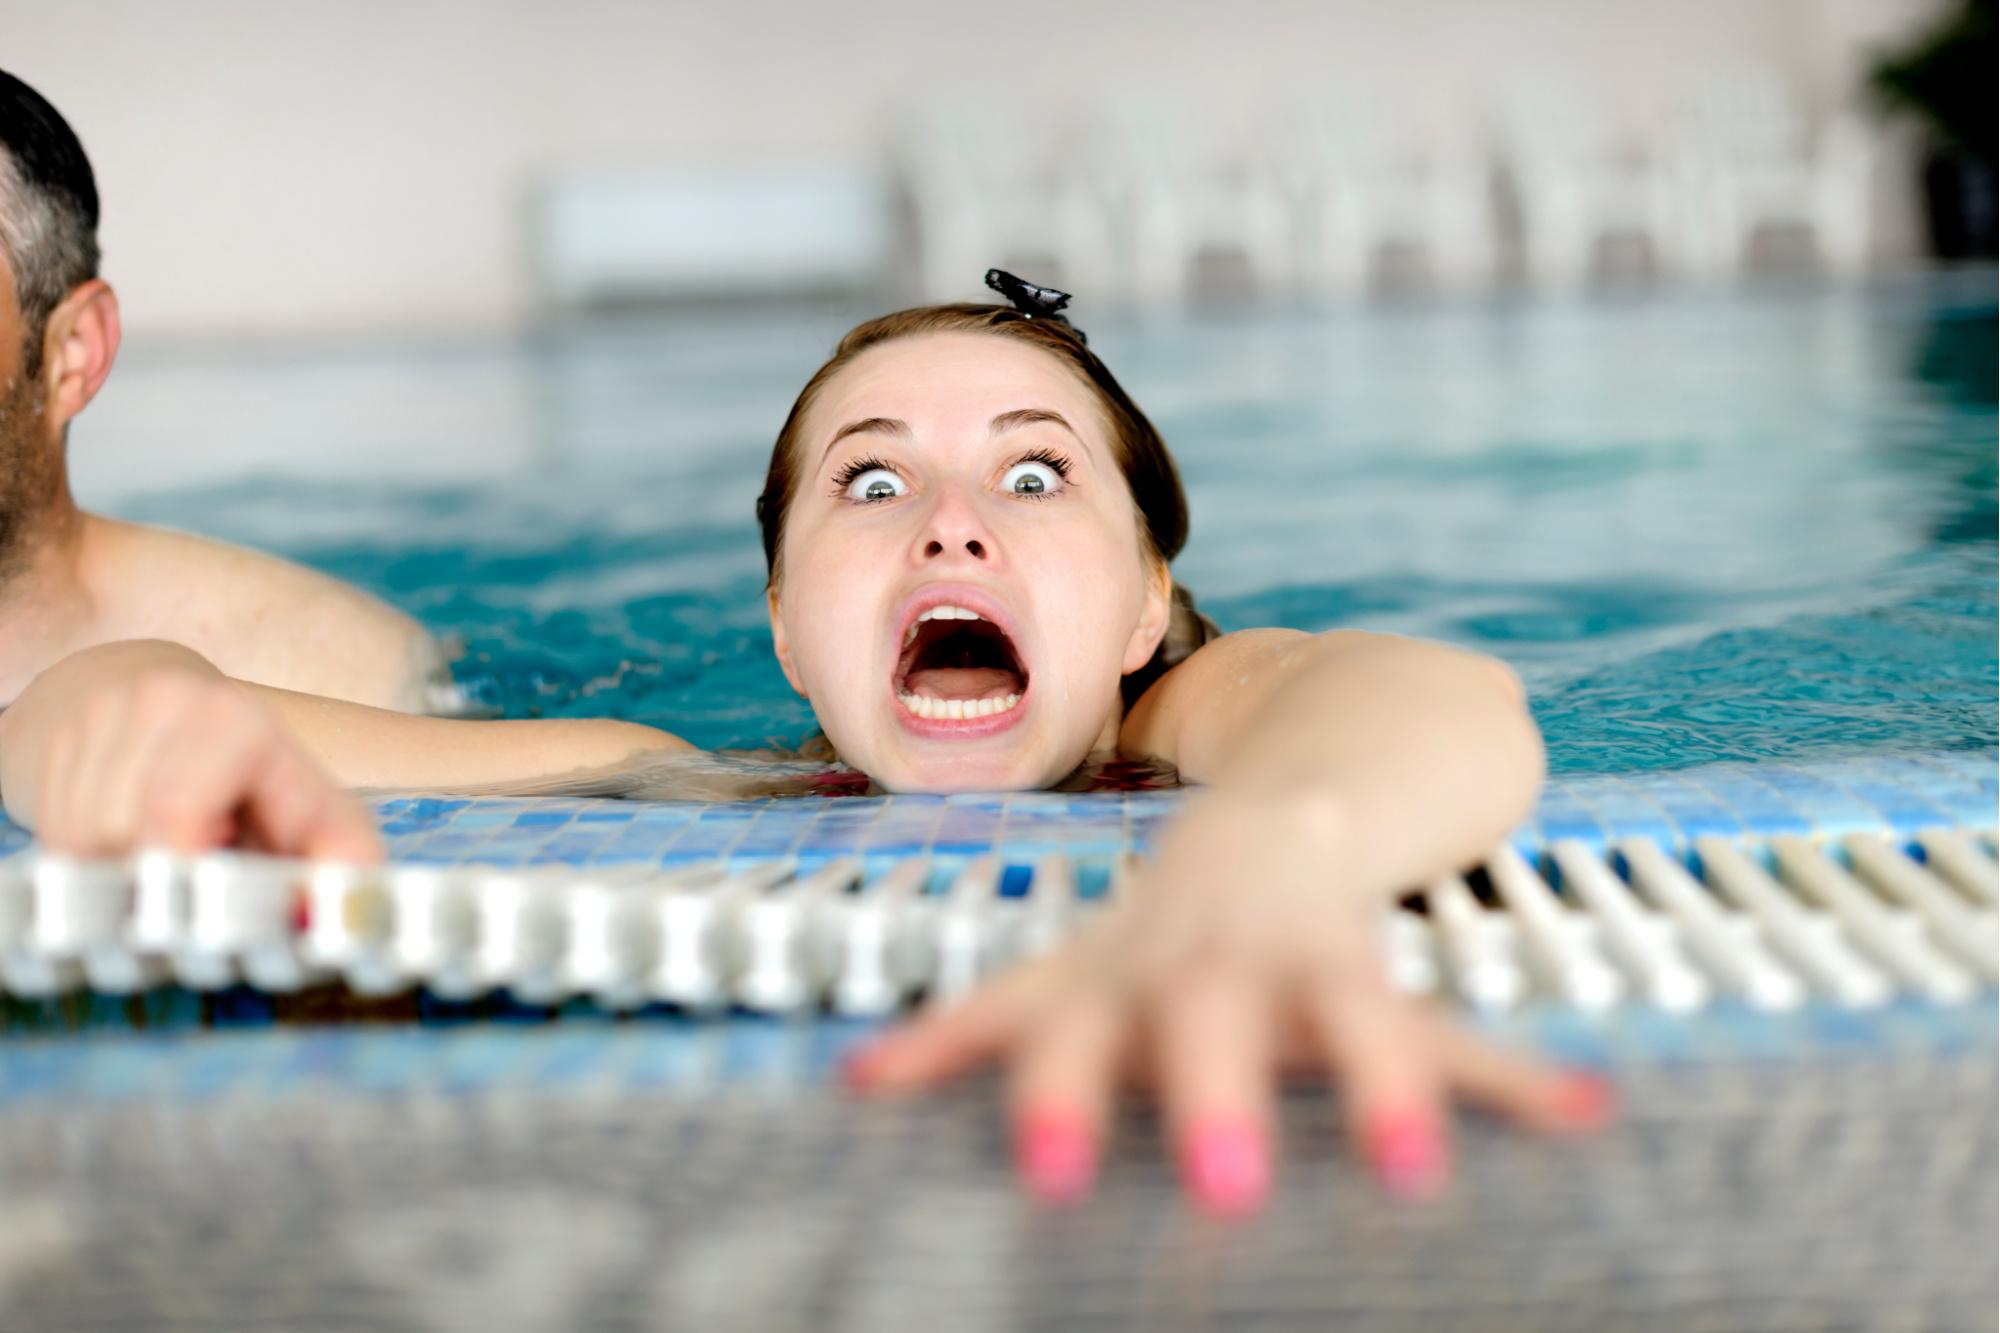 Woman drowning in swimming pool.